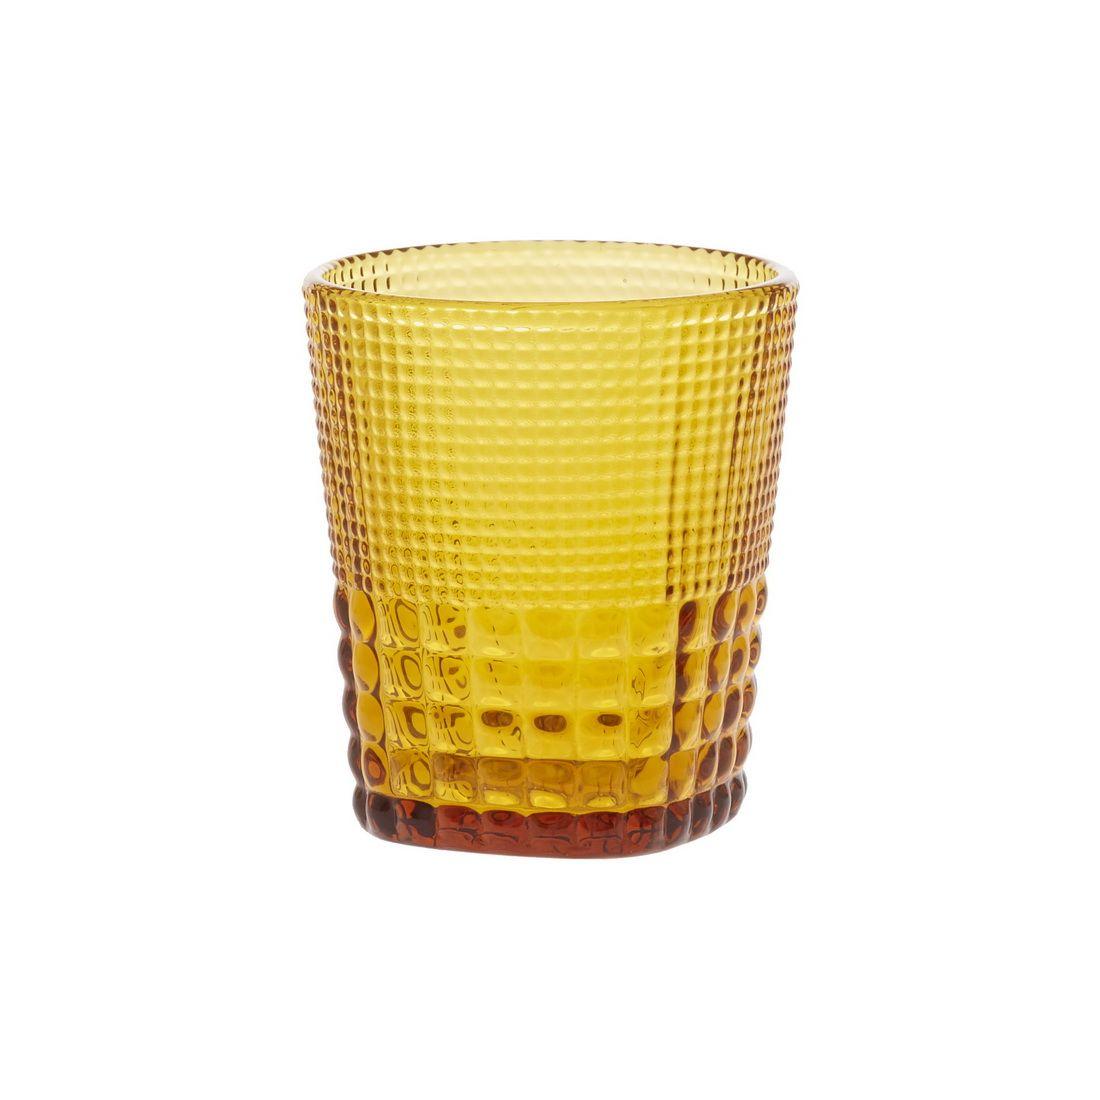 Стакан для напитков Royal dropsСтакан для напитков Ройял дропс создан компанией Магиа Густо. Он сделан из стекла оригинальнго янтарного цвета. Этот материал гигиеничен, хорошо сохраняет температуру налитого в стакан напитка. Изделие станет истинным украшением любой сервировки и будет уместно на любом празднике и за повседневным приемом пищи. Его форма, слегка расширяющаяся кверху, эстетична, а рельефная поверхность удобна и приятна на ощупь. Стакан Ройял дропс универсален и подходит для любых горячих и холодных напитков – чая, вина, воды или сока.<br>